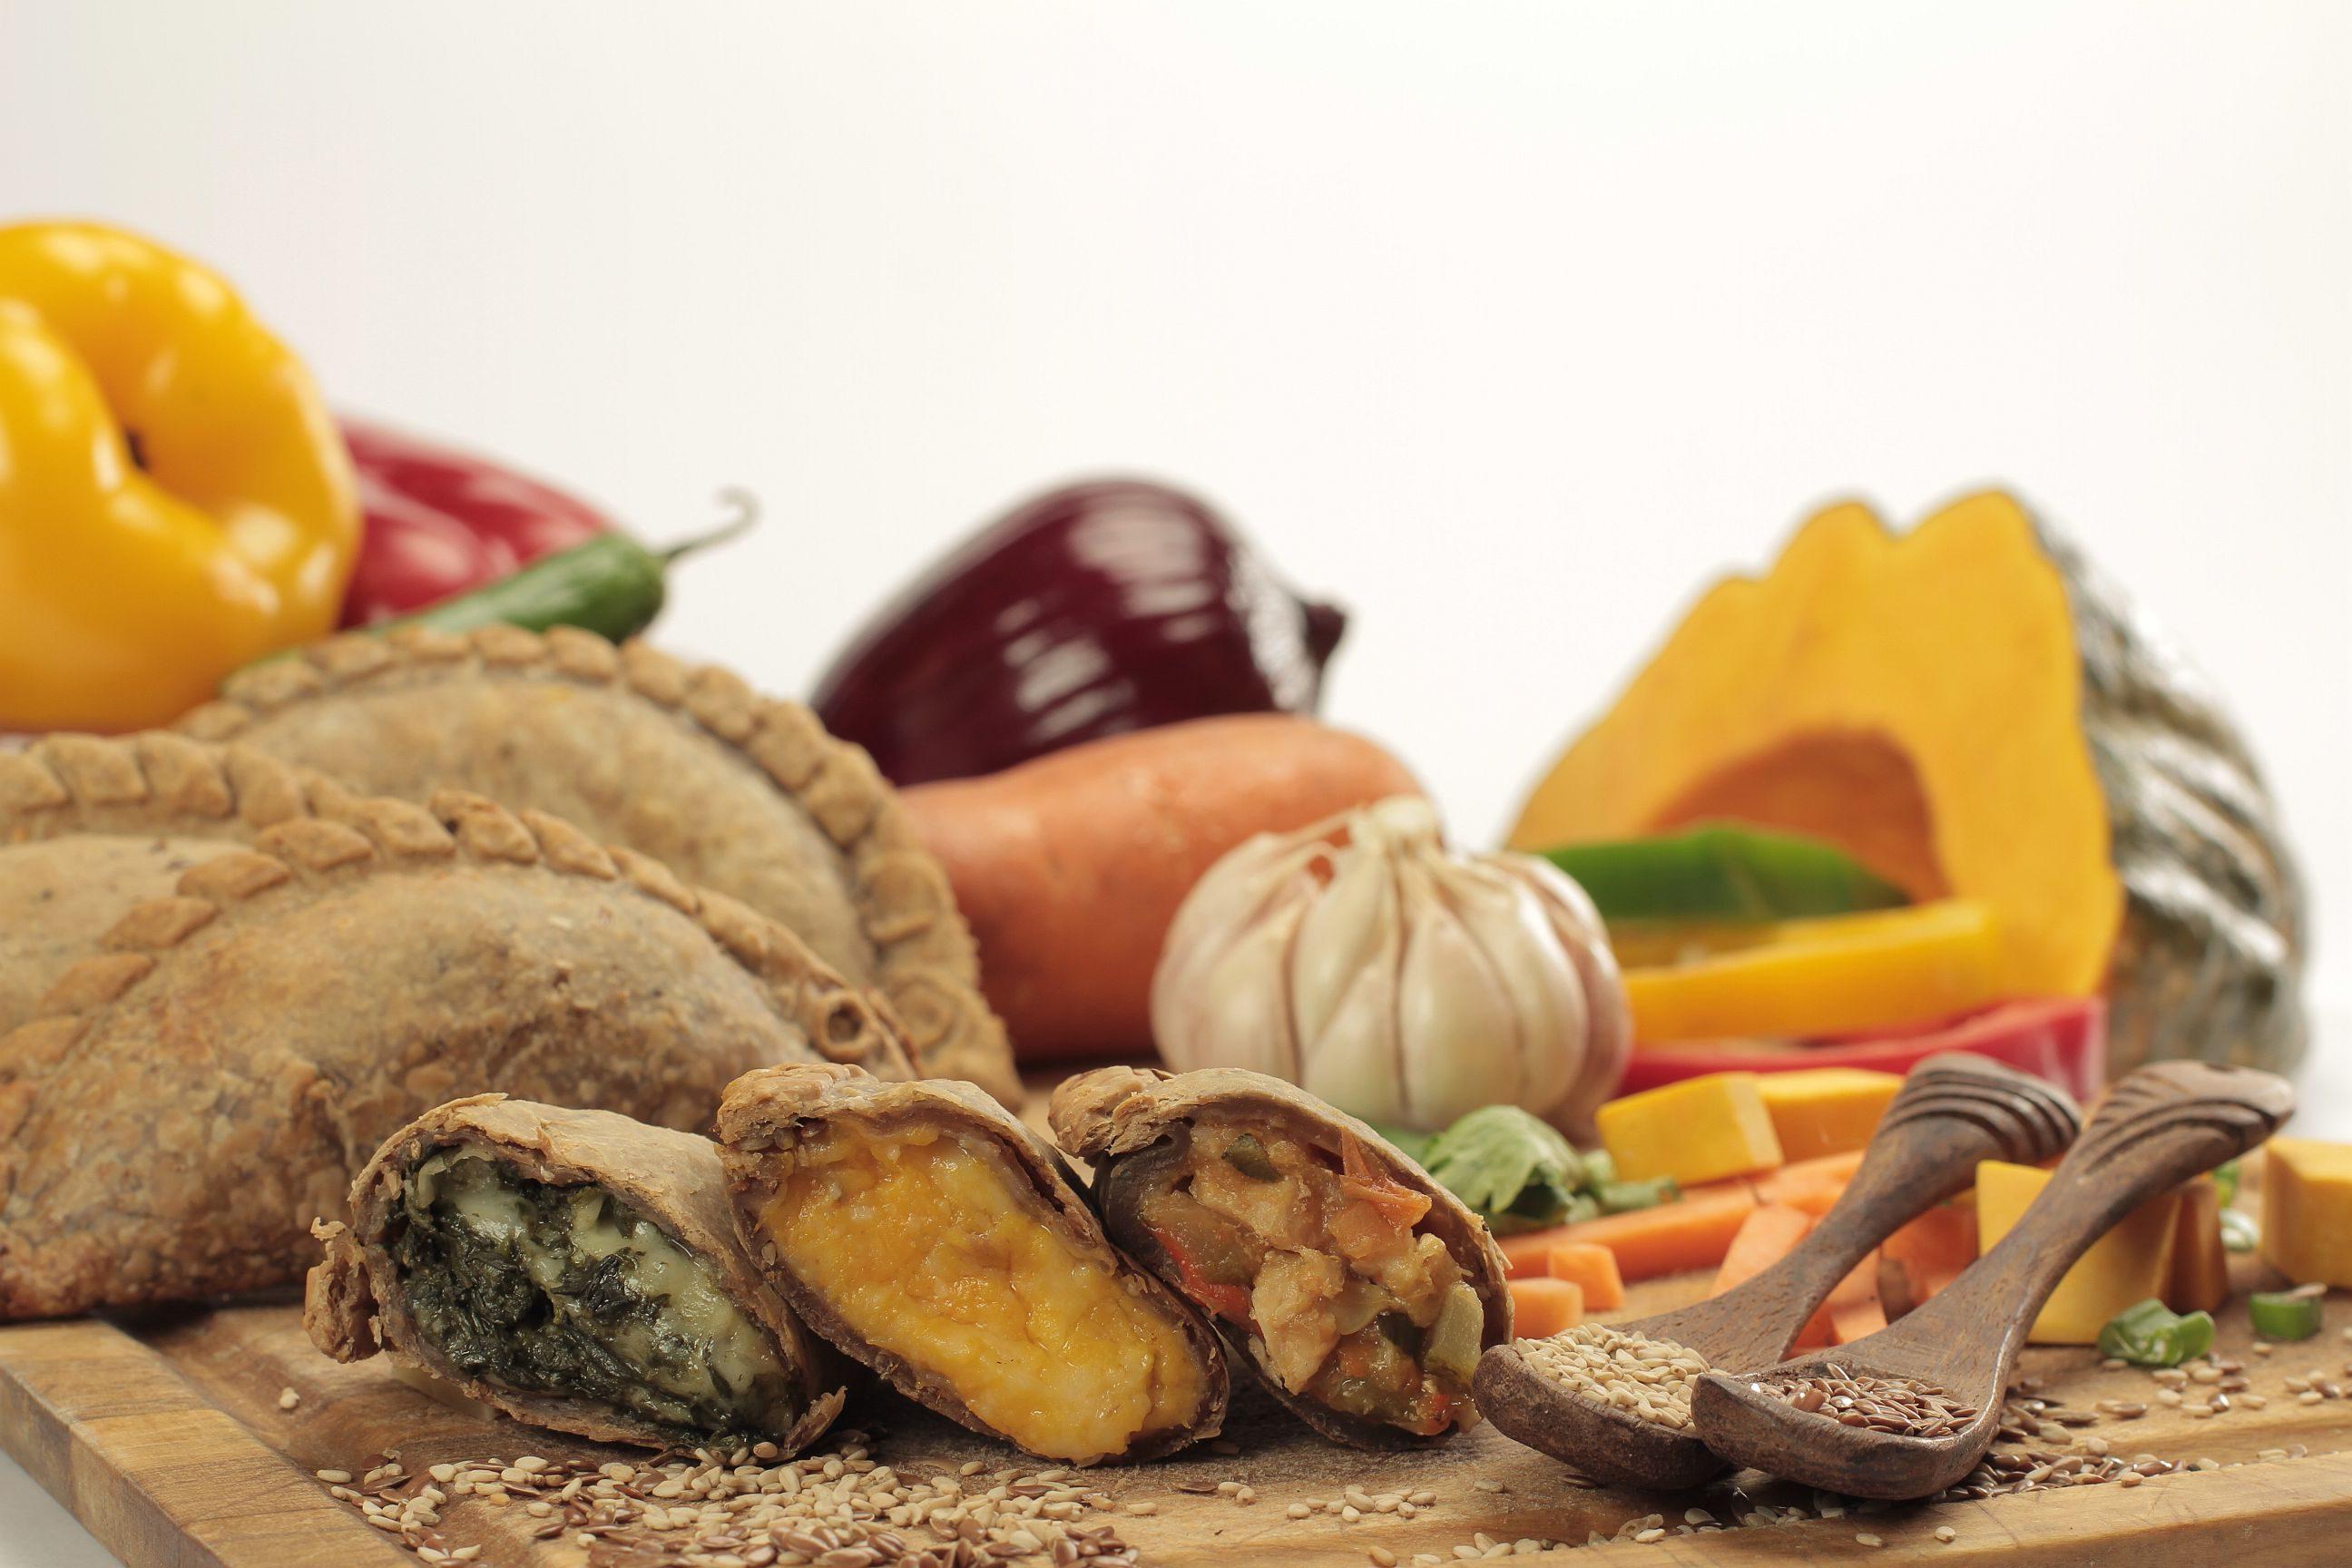 Empanada vegetariana de harina integral con verdura morrón calabaza cebolla de Cumen Cumen